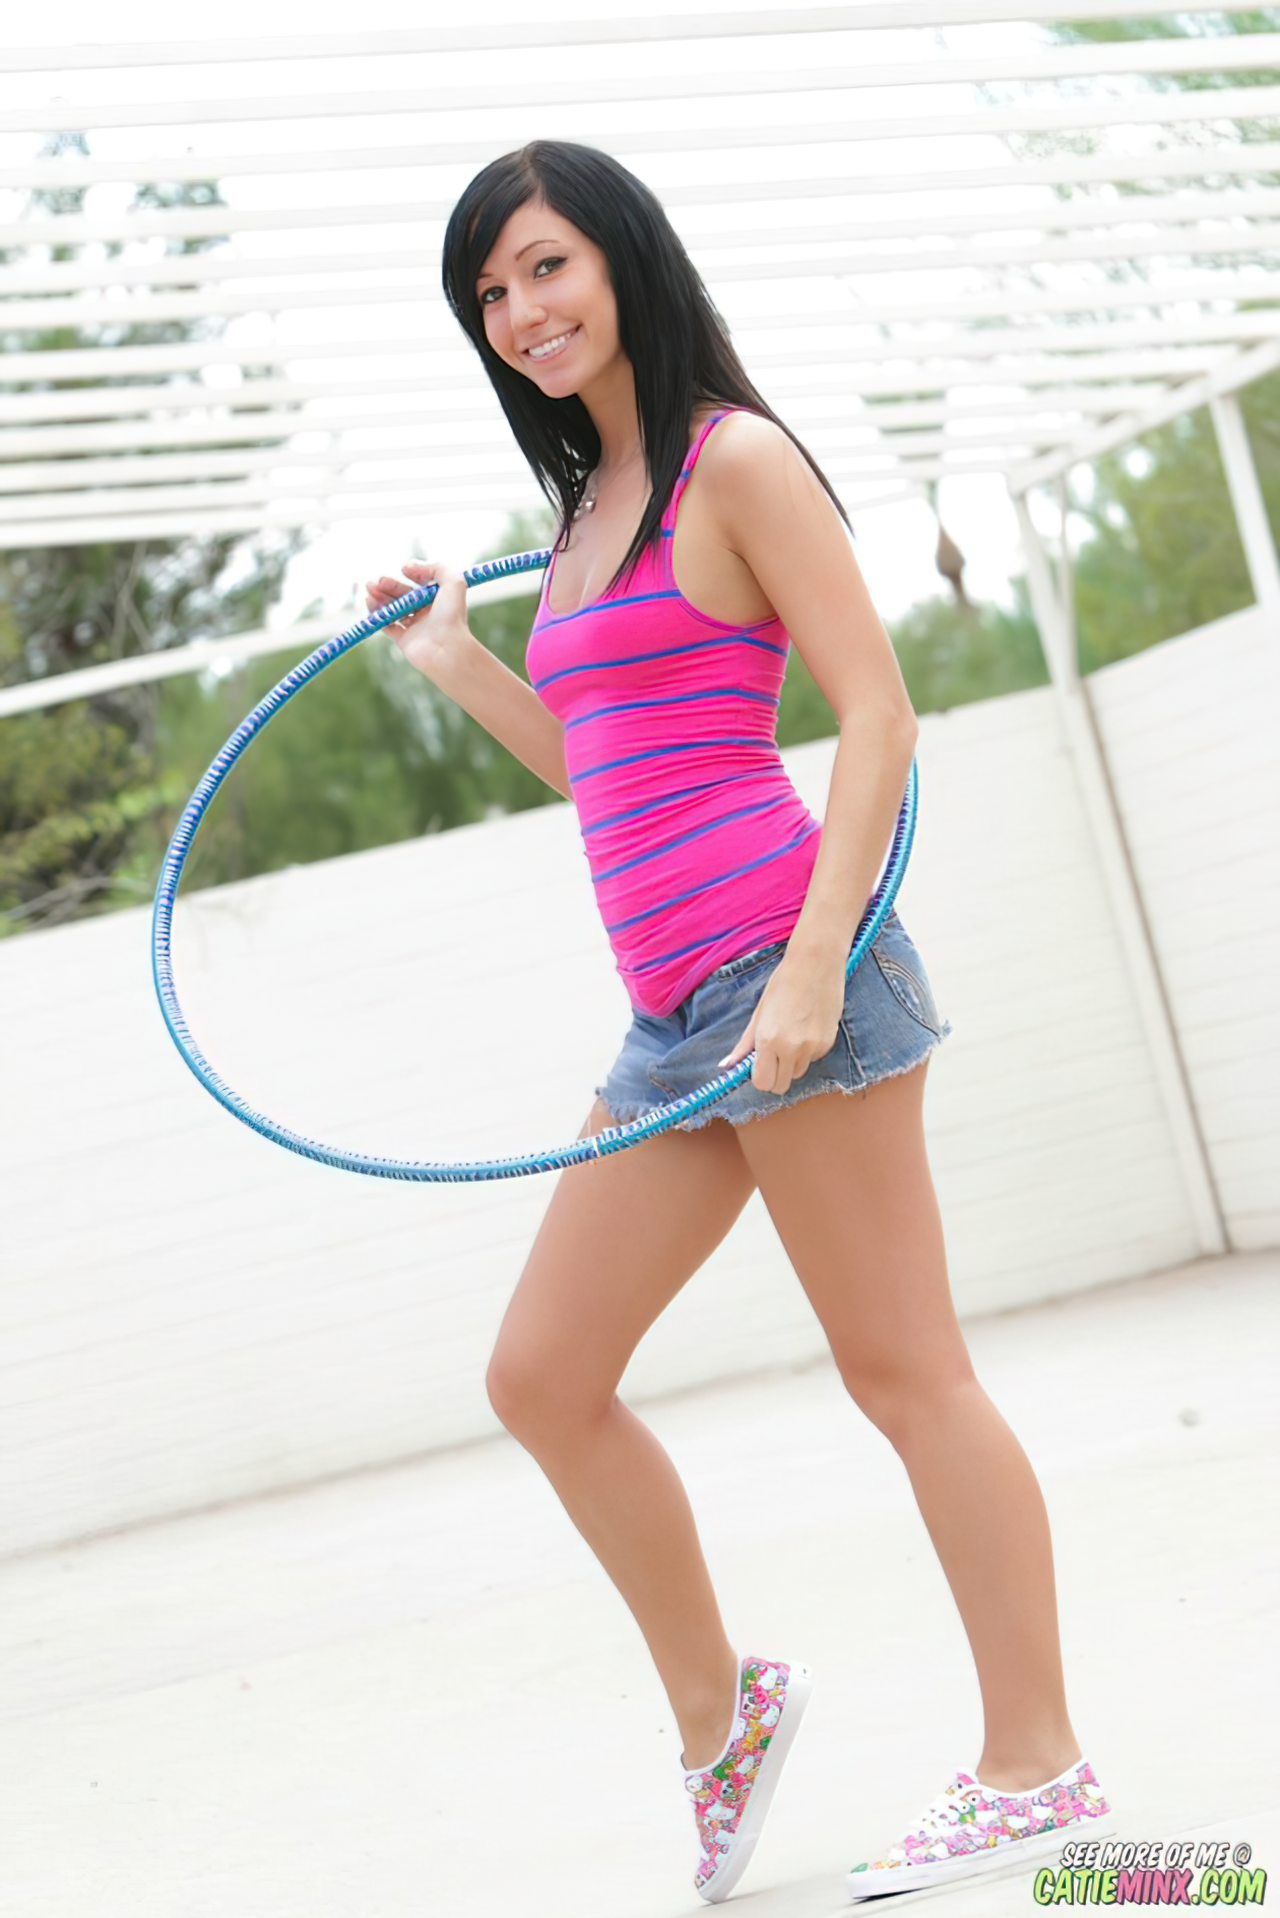 Catie Minx (1)